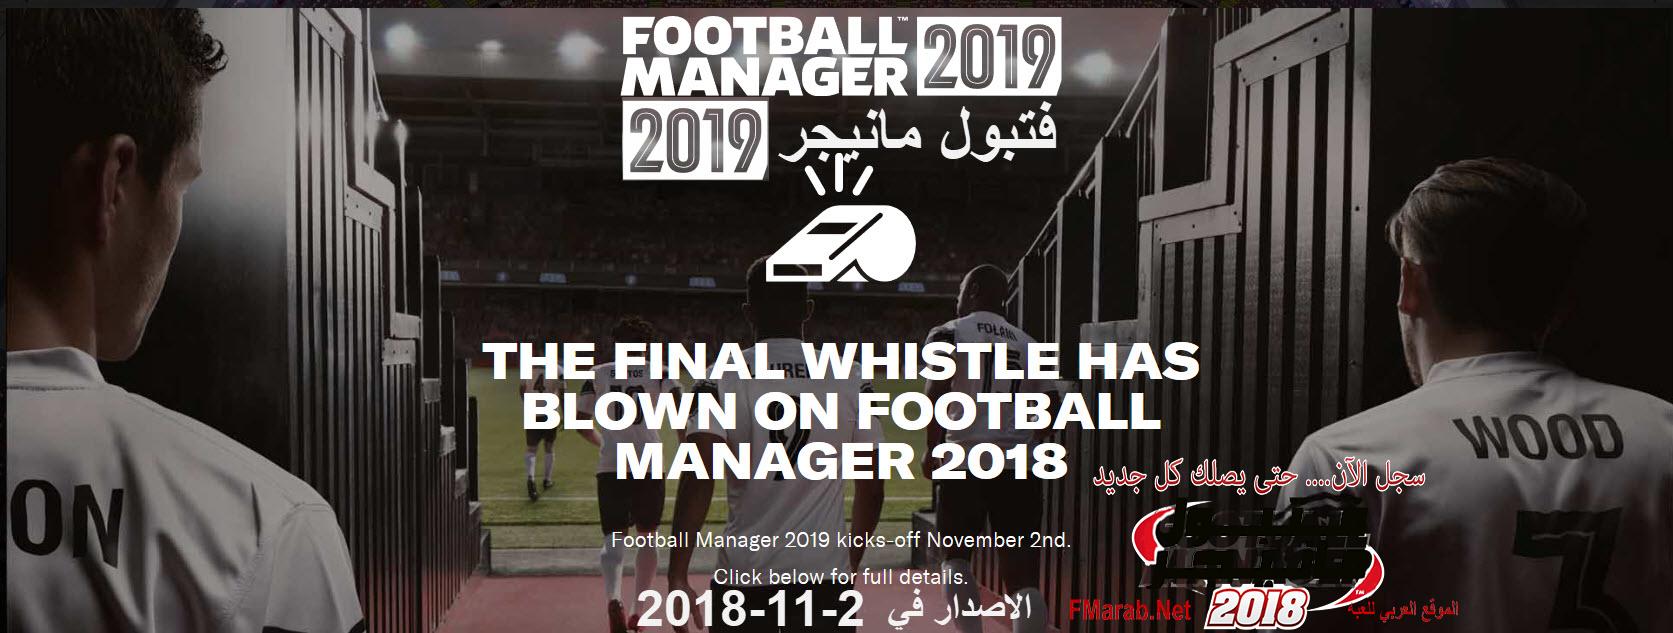 صورة برنامج اللغه العربيه فتبول مانيجر 2019 Football Manager